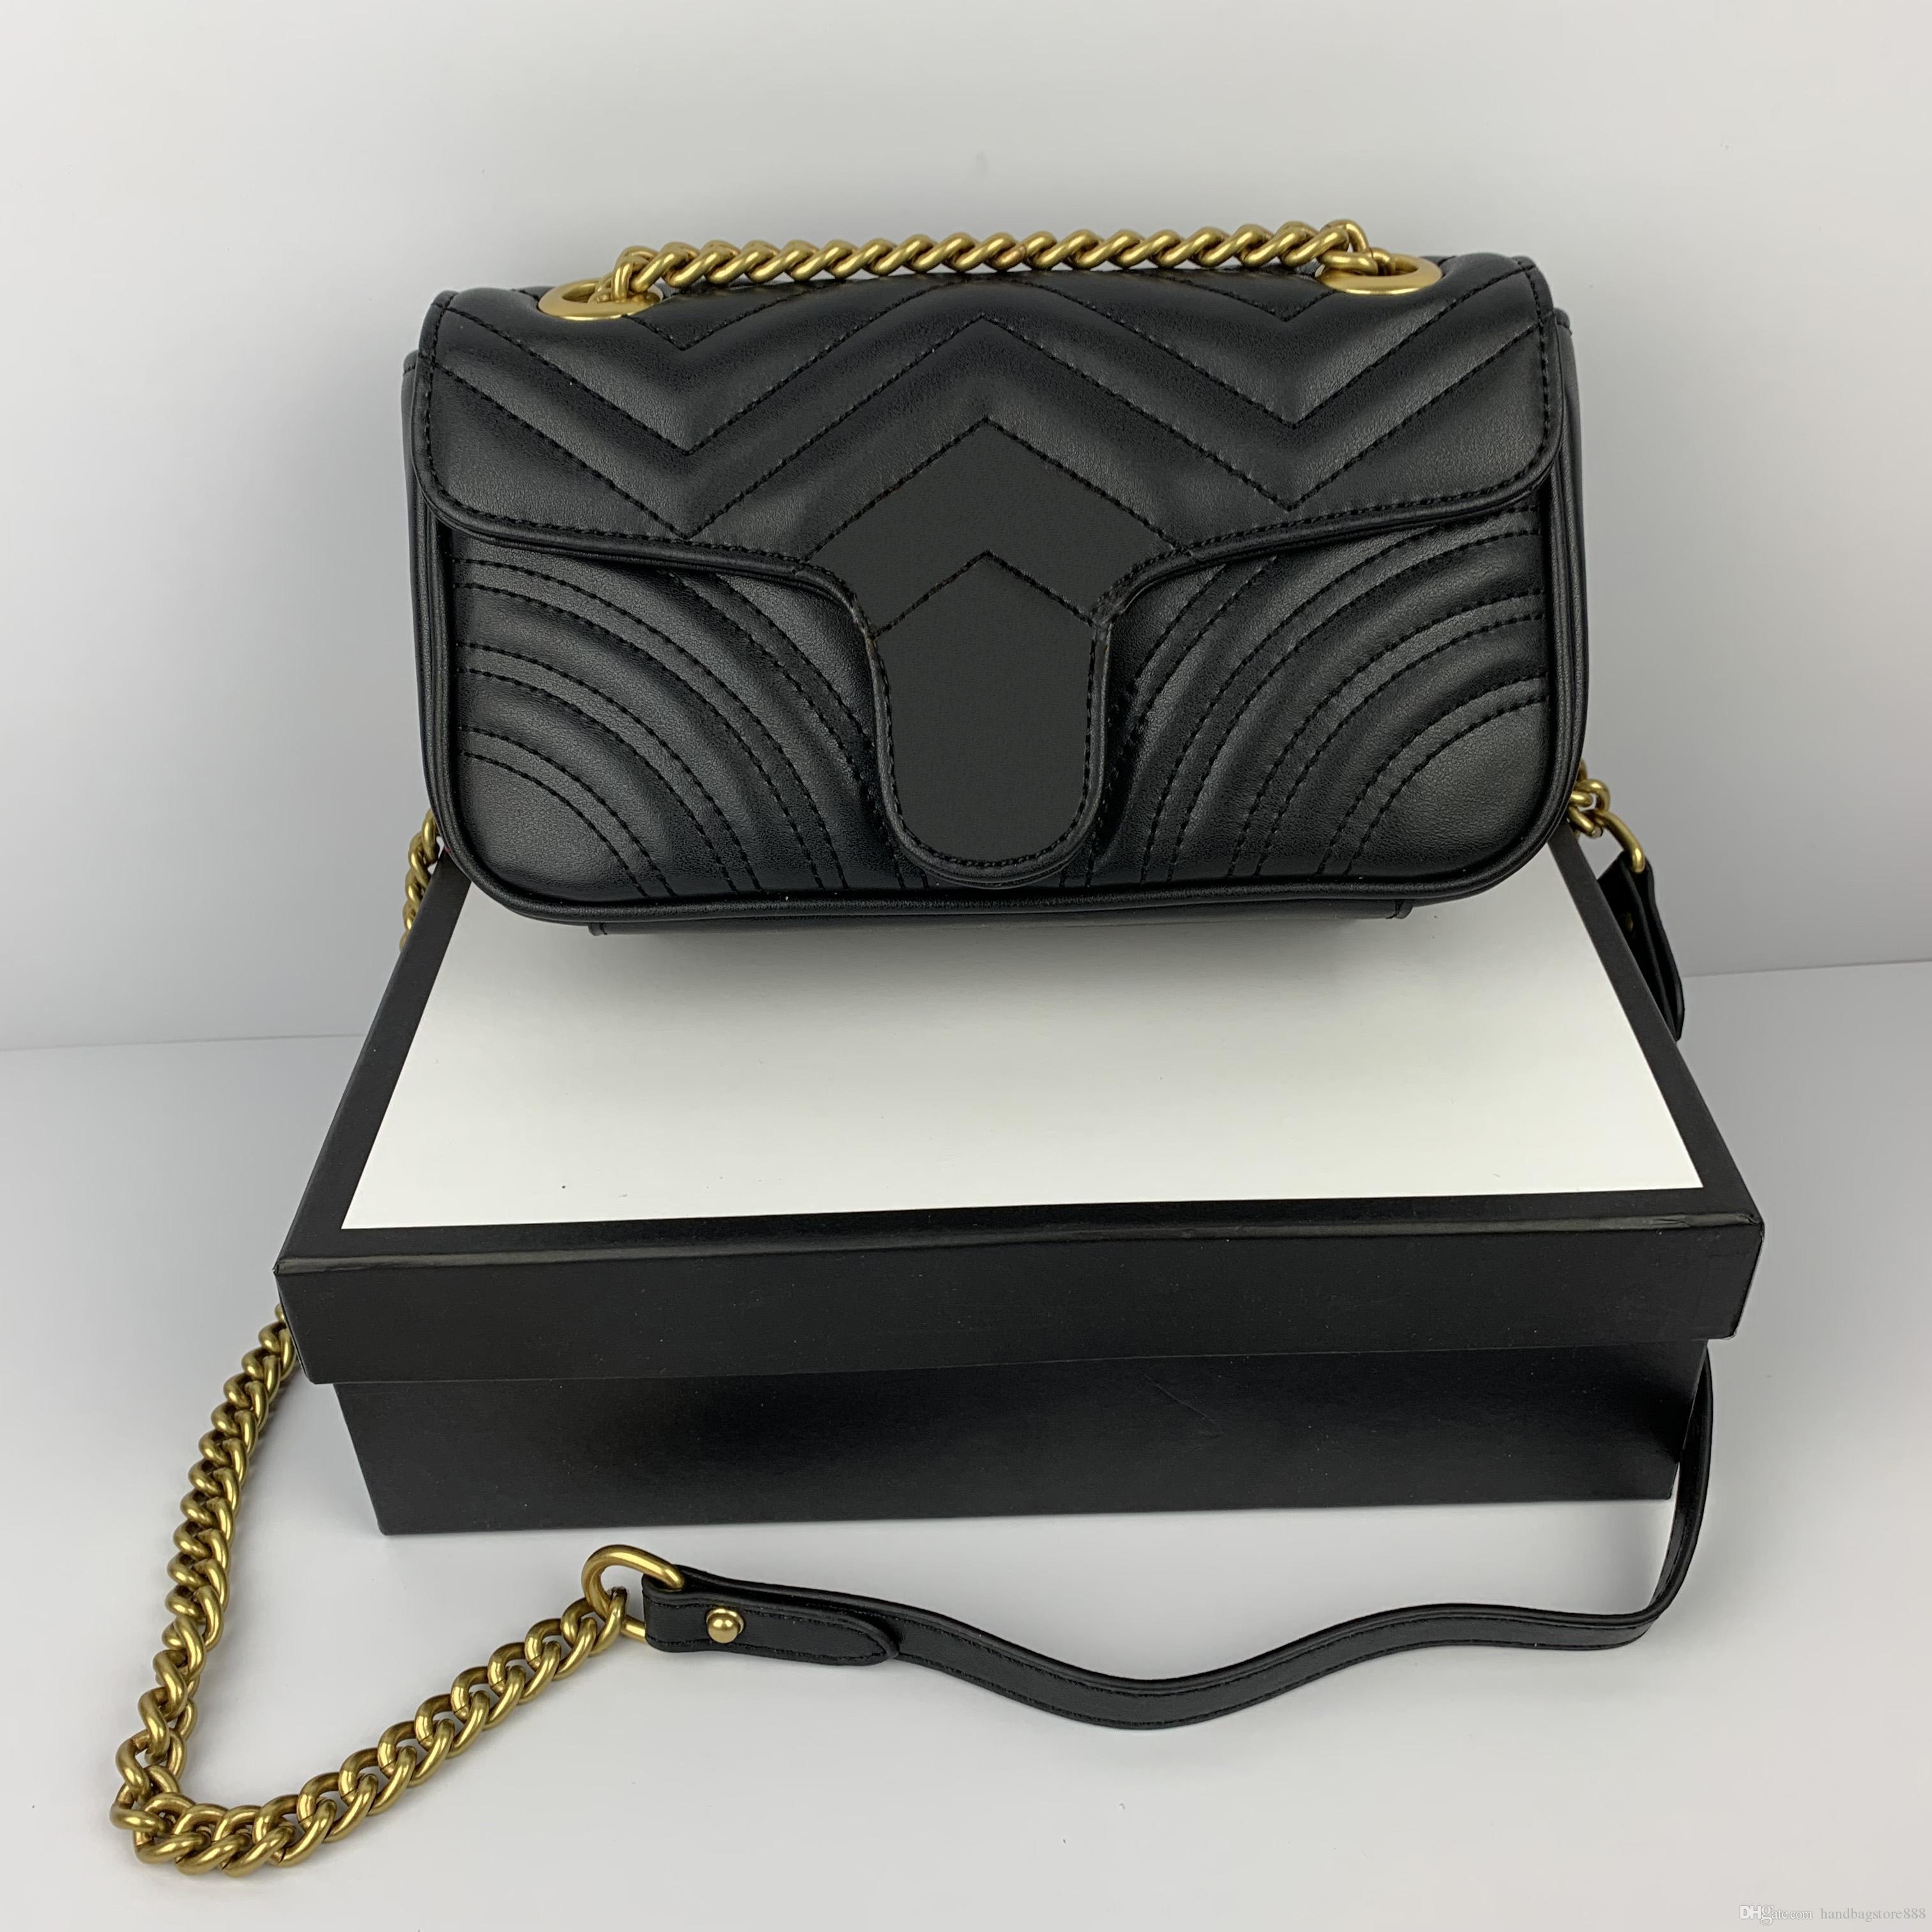 حار بيع مصمم أزياء السيدات الشهيرة سلسلة صغيرة حقائب الكتف رسول حقيبة المرأة 22cm وCROSSBODY مع giftbag